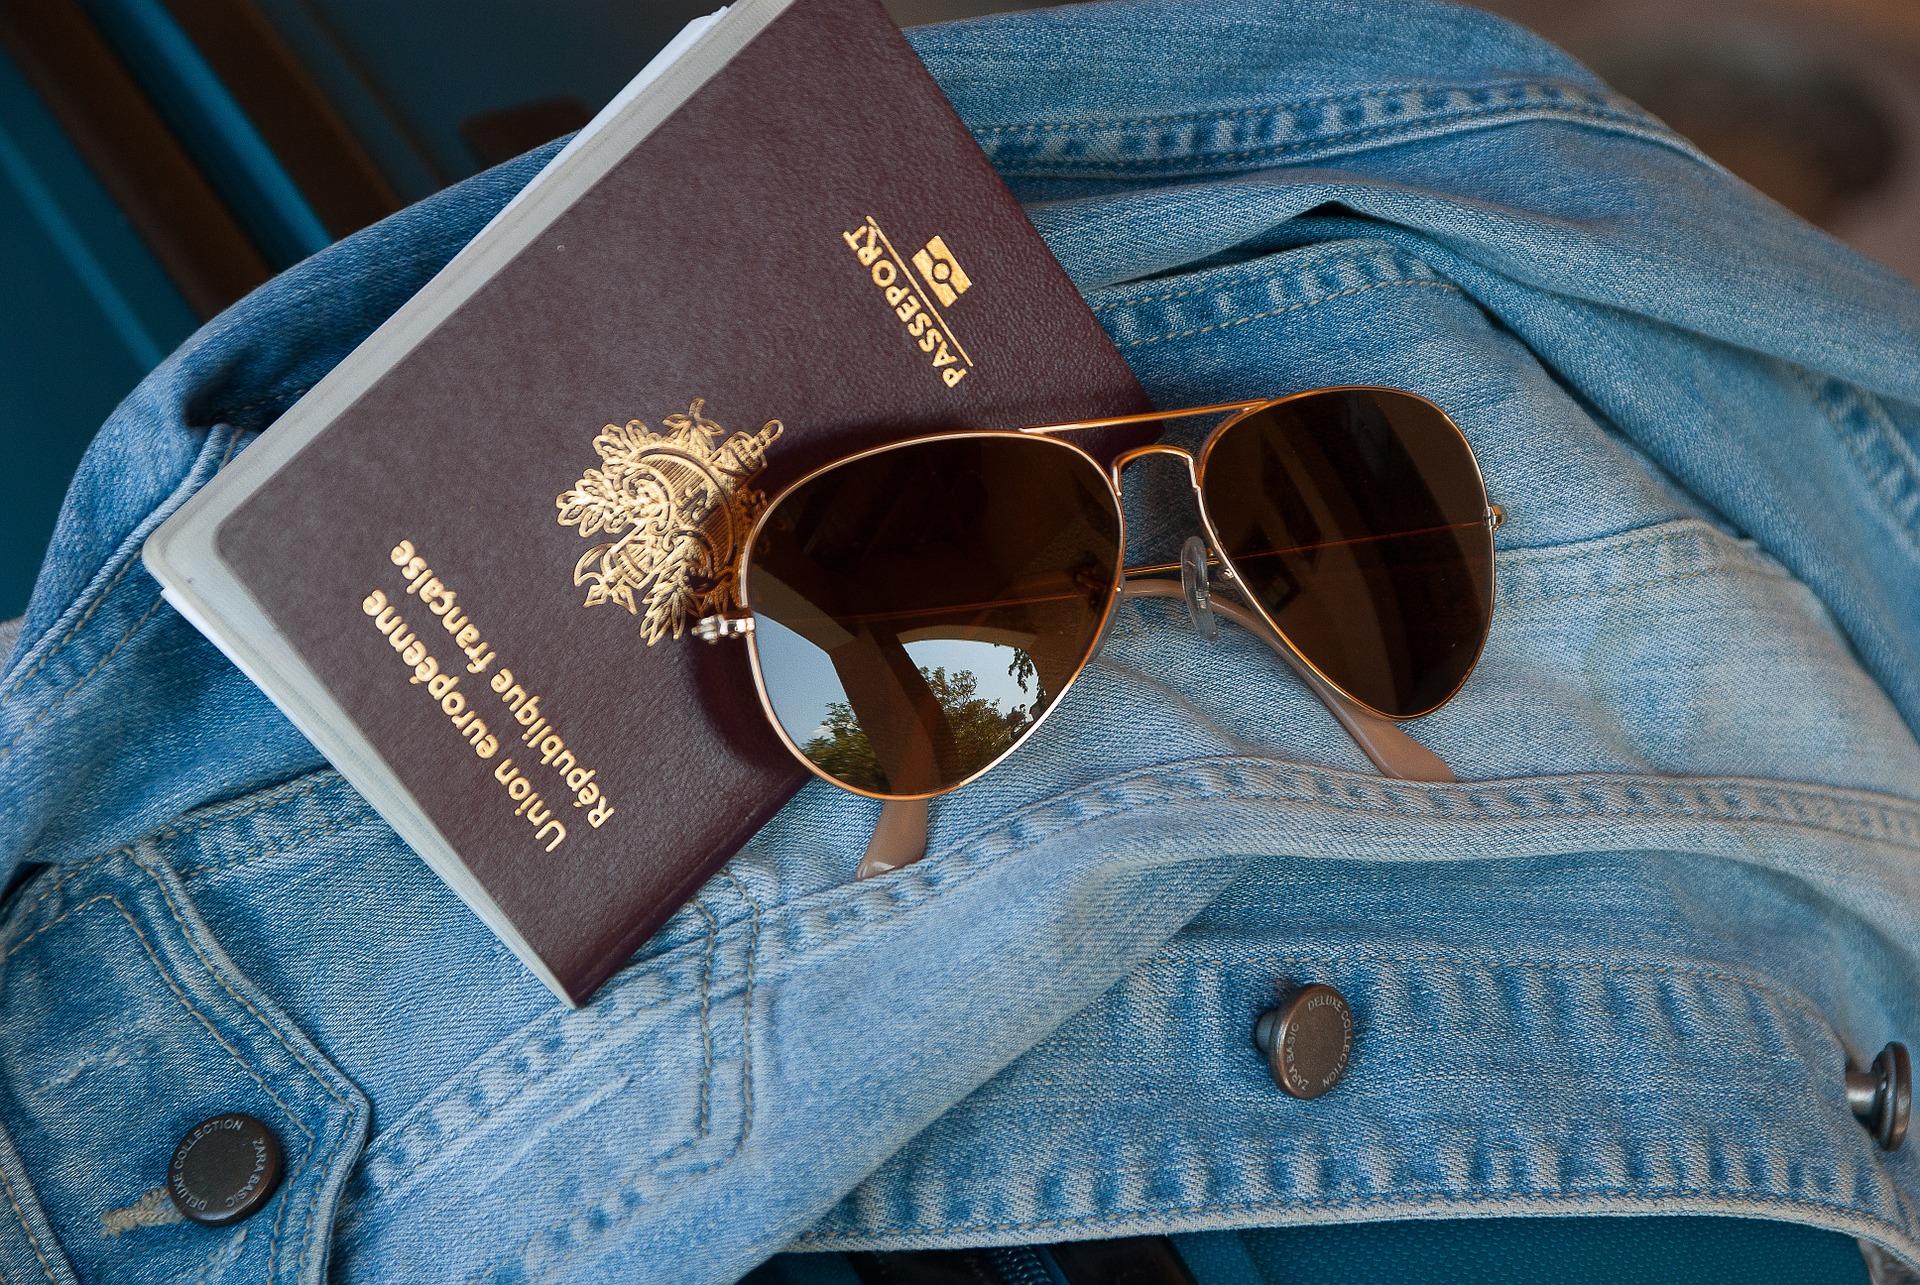 Passport Travelling UK Almond Voc. Link Erasmus+